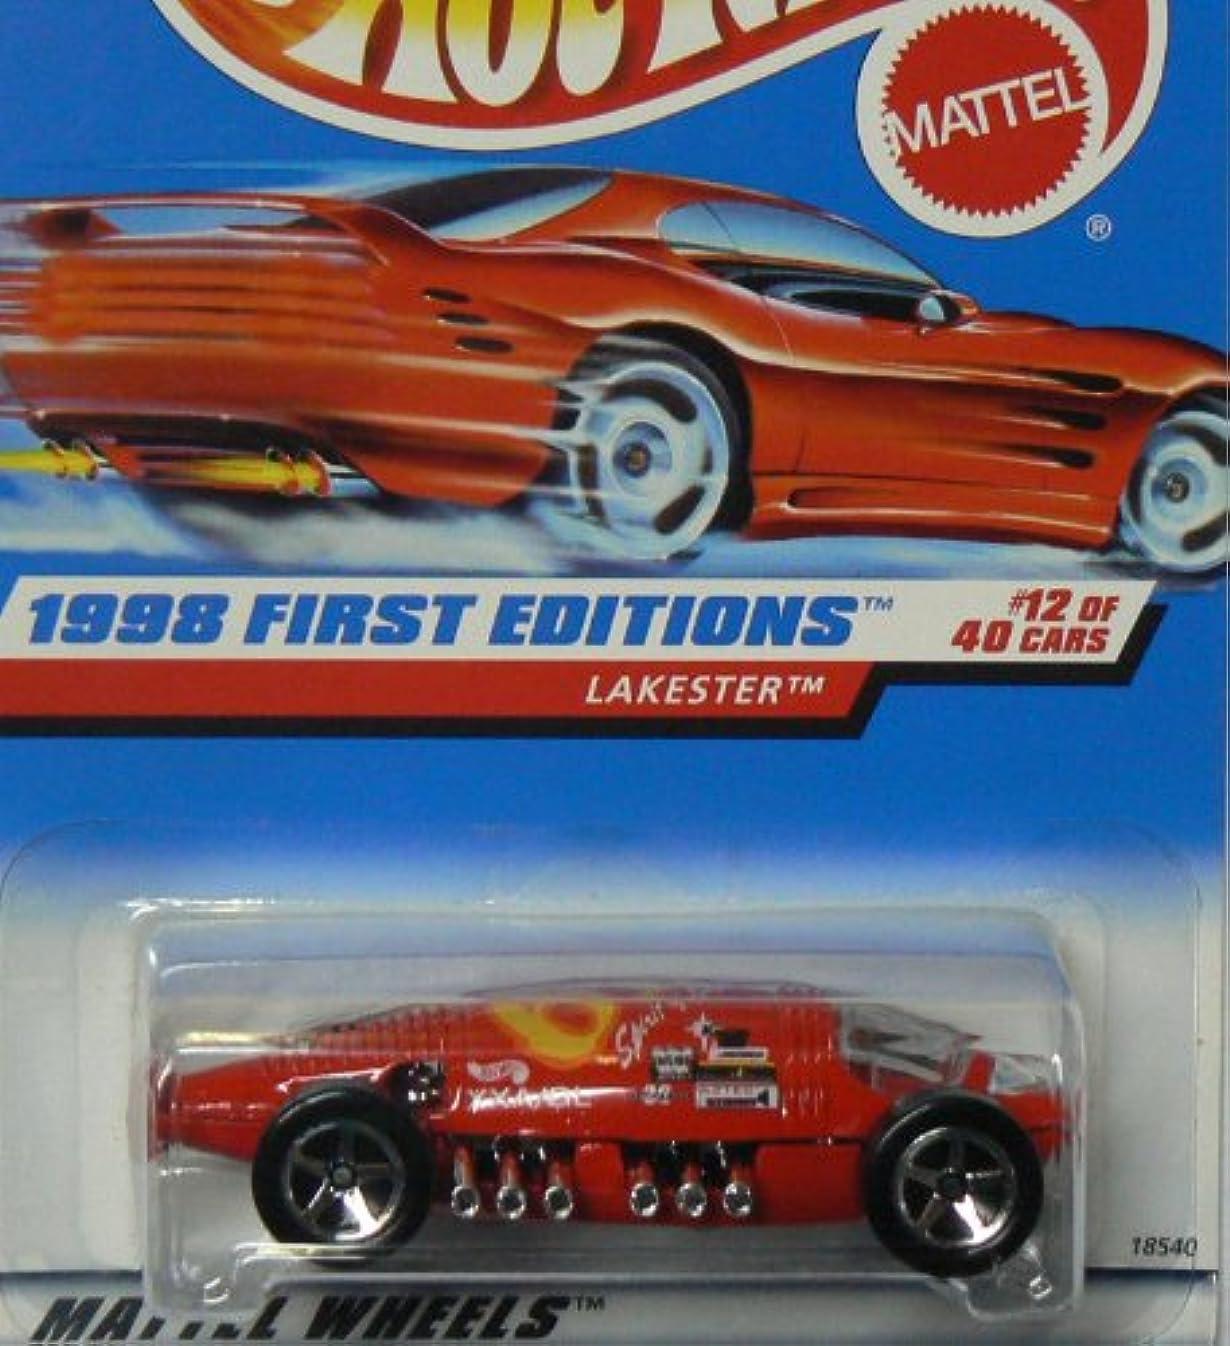 メンバーラビリンスハリケーンHOT WHEELS Lakester 647 1998 First Editions ON RED CARD